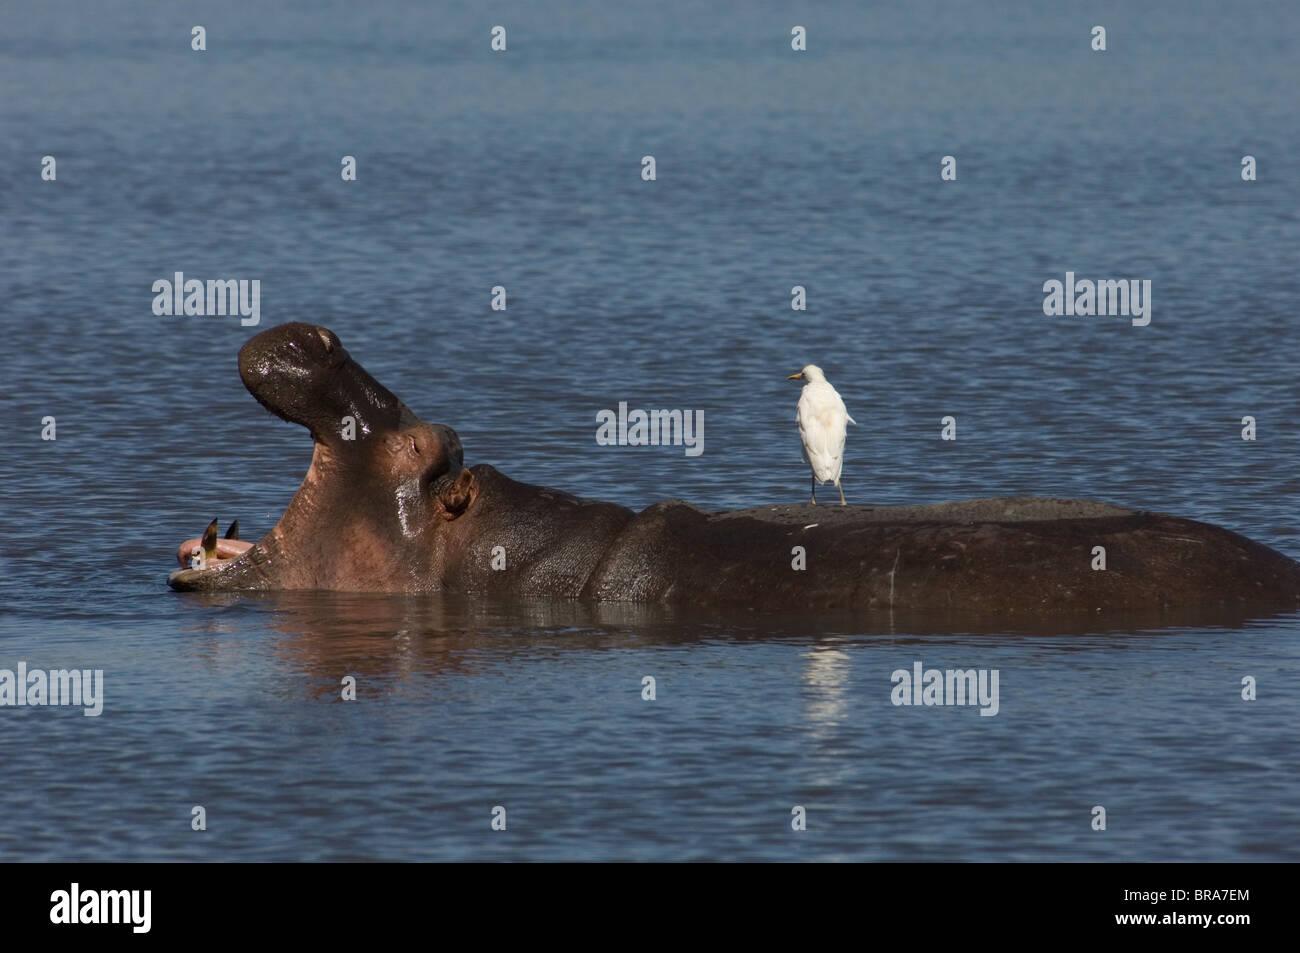 OPEN MOUTHED HIPPOPOTAMUS IN BLUE WATER WITH WHITE BIRD ON BACK LAKE NAKURU KENYA AFRICA - Stock Image